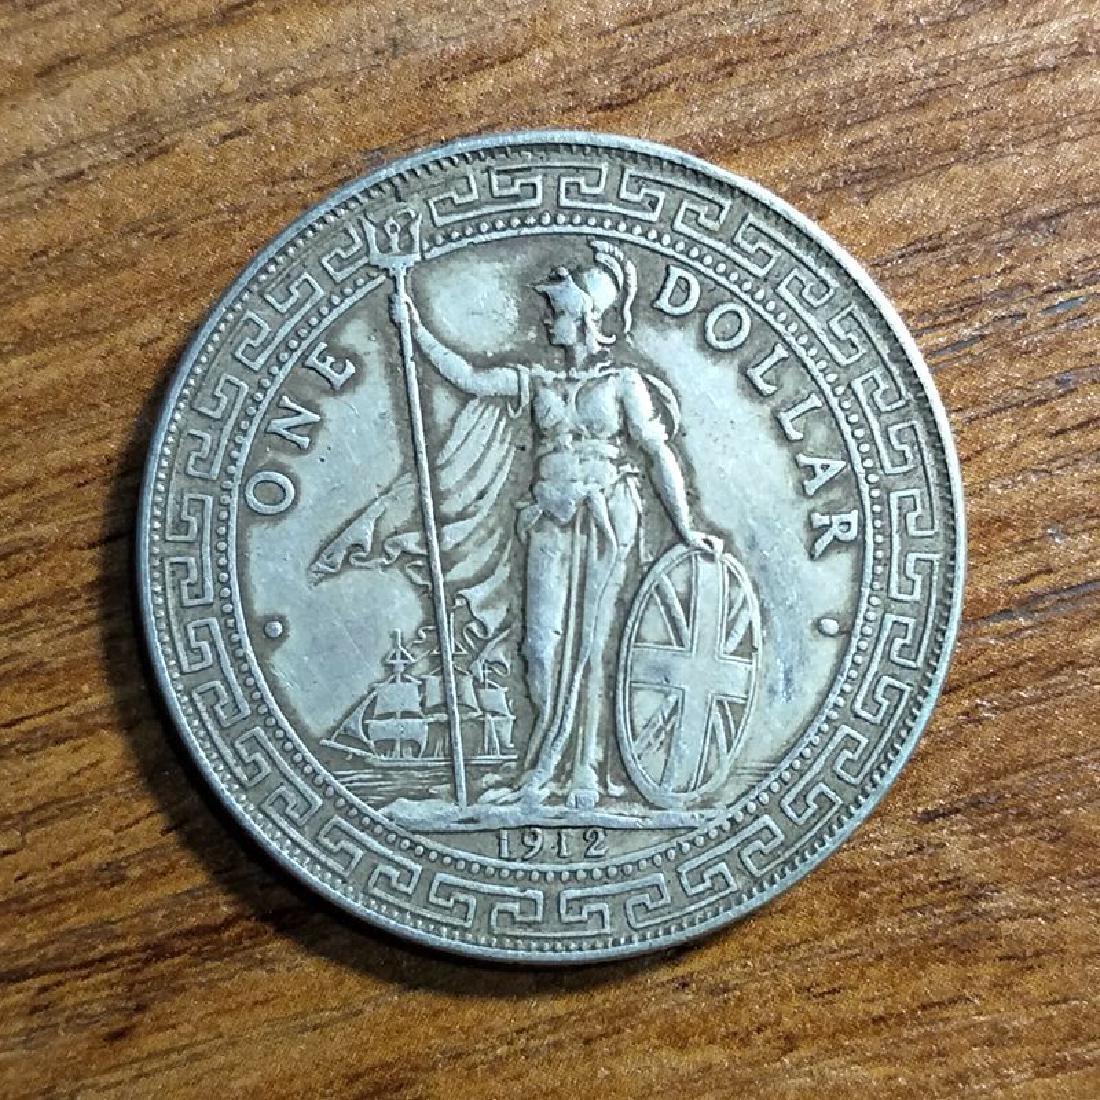 Foreign Antique 1912 Silver Coin